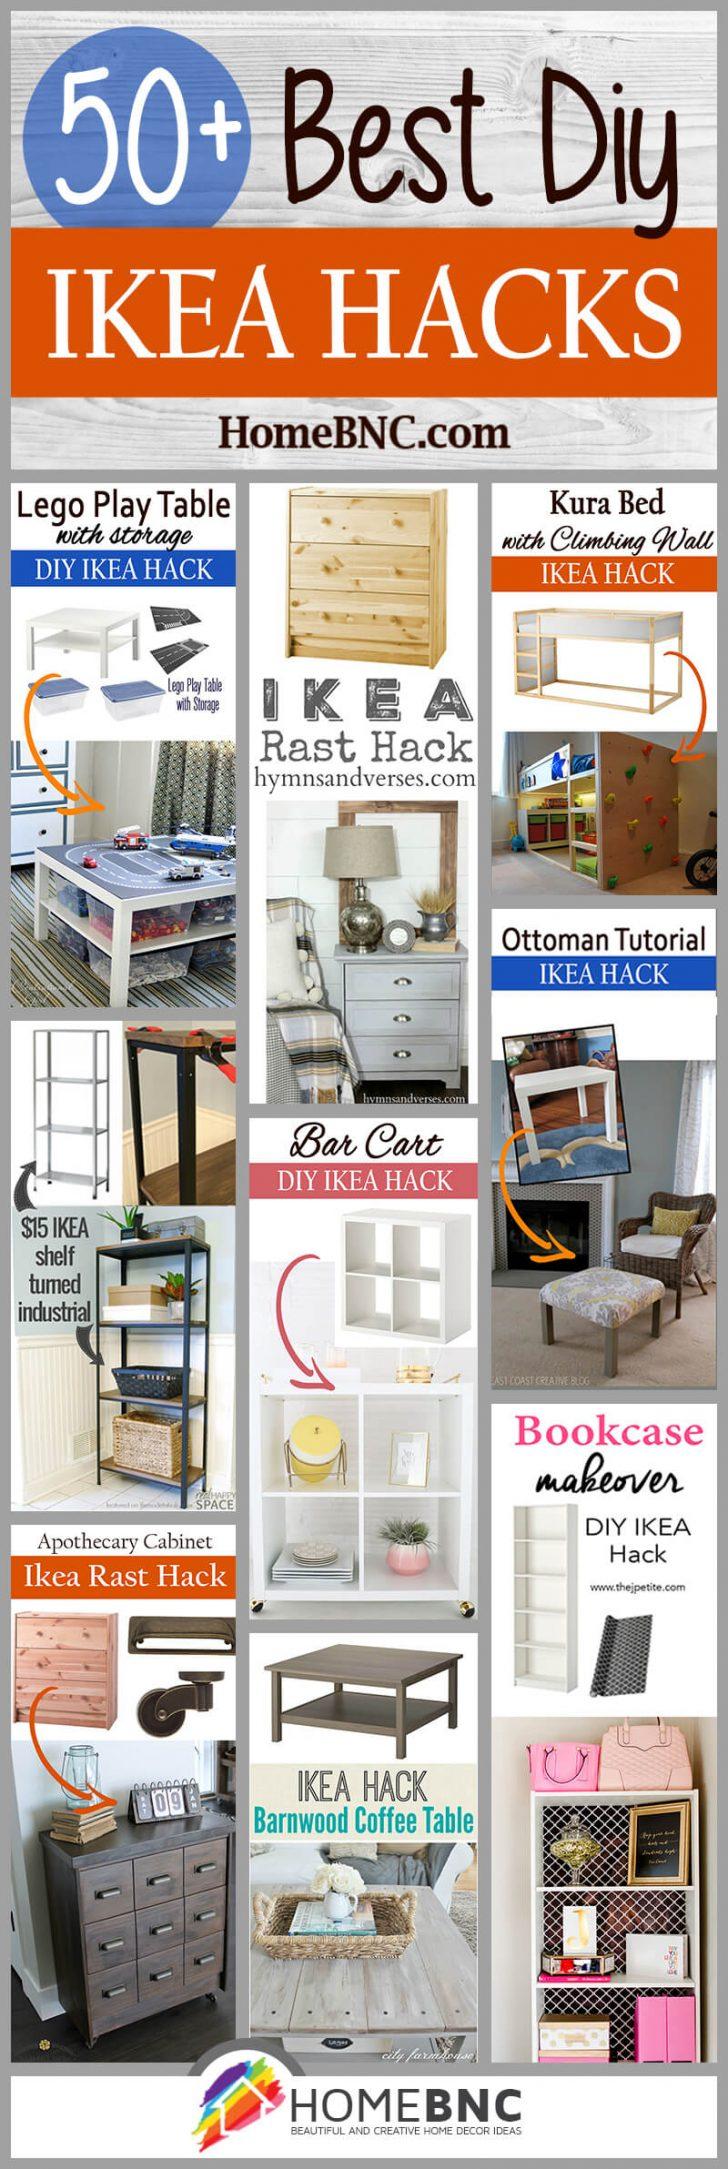 Medium Size of Ikea Hacks 50 Best Hack Ideas And Designs For 2020 Küche Kaufen Modulküche Betten Bei Kosten Miniküche Sofa Mit Schlaffunktion 160x200 Wohnzimmer Ikea Hacks